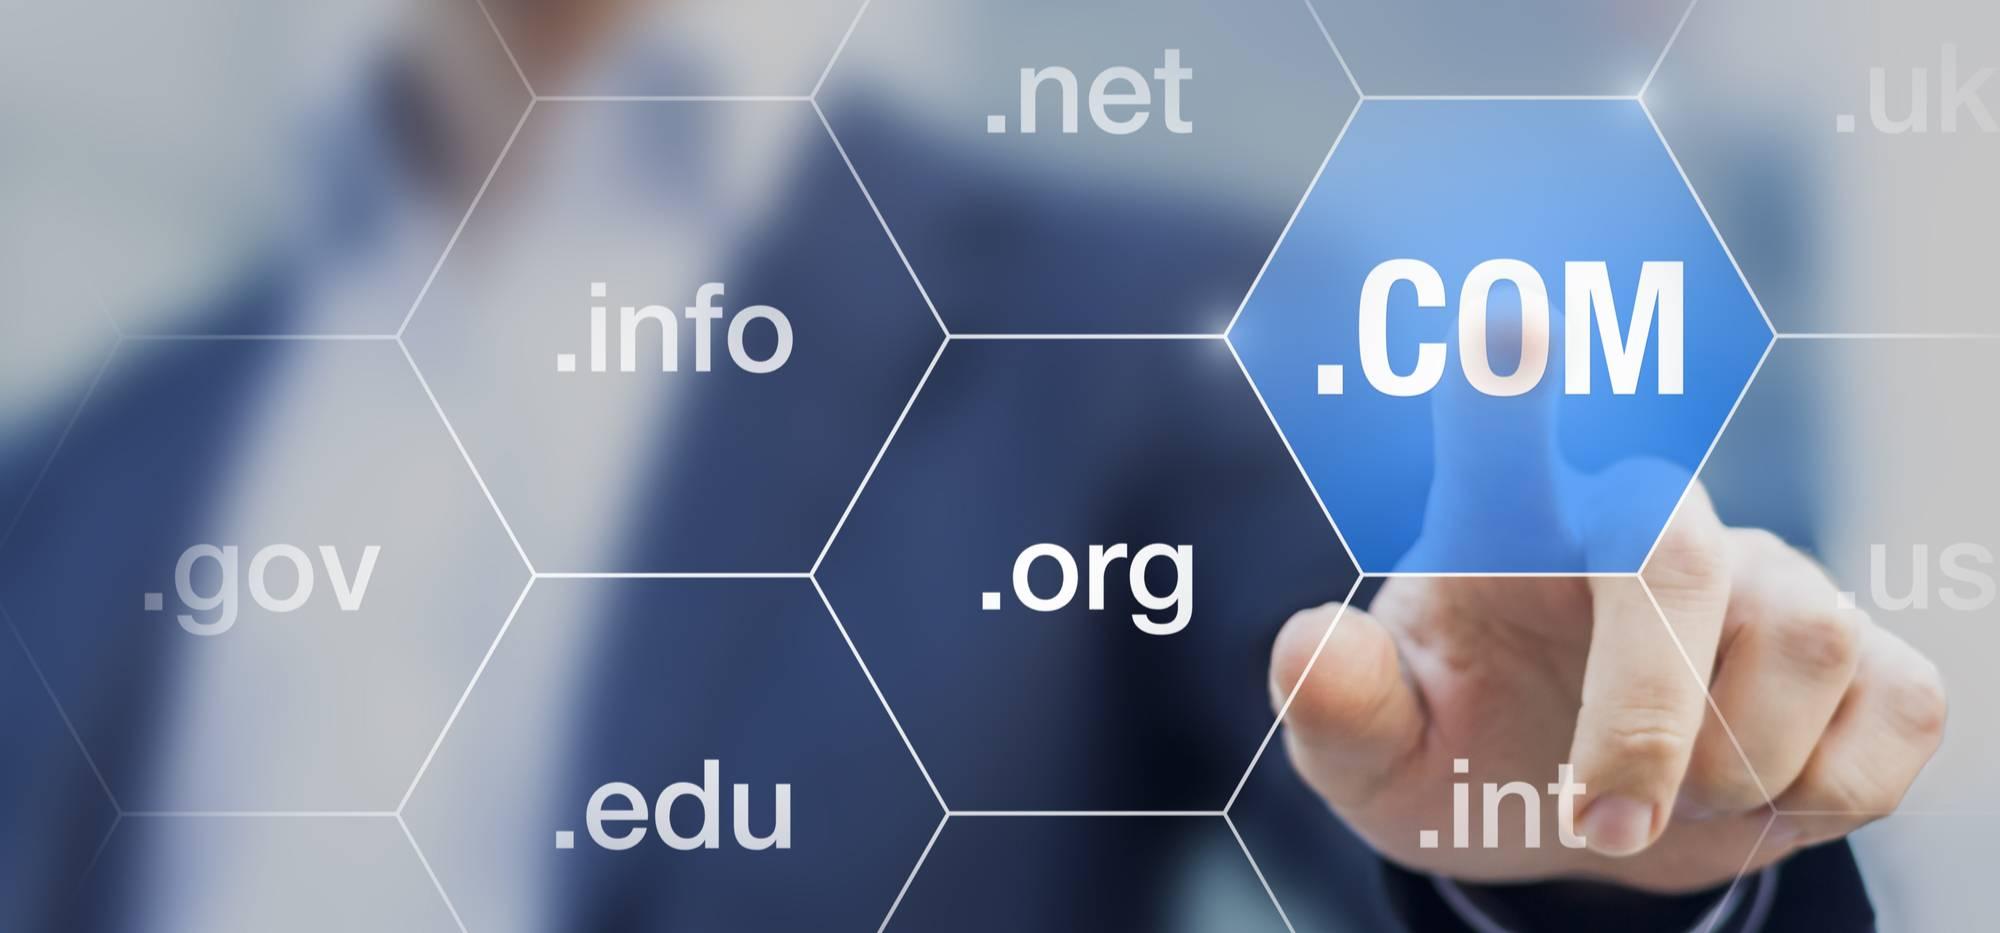 Stage Two - Domain Name Registration & Website Hosting Setup